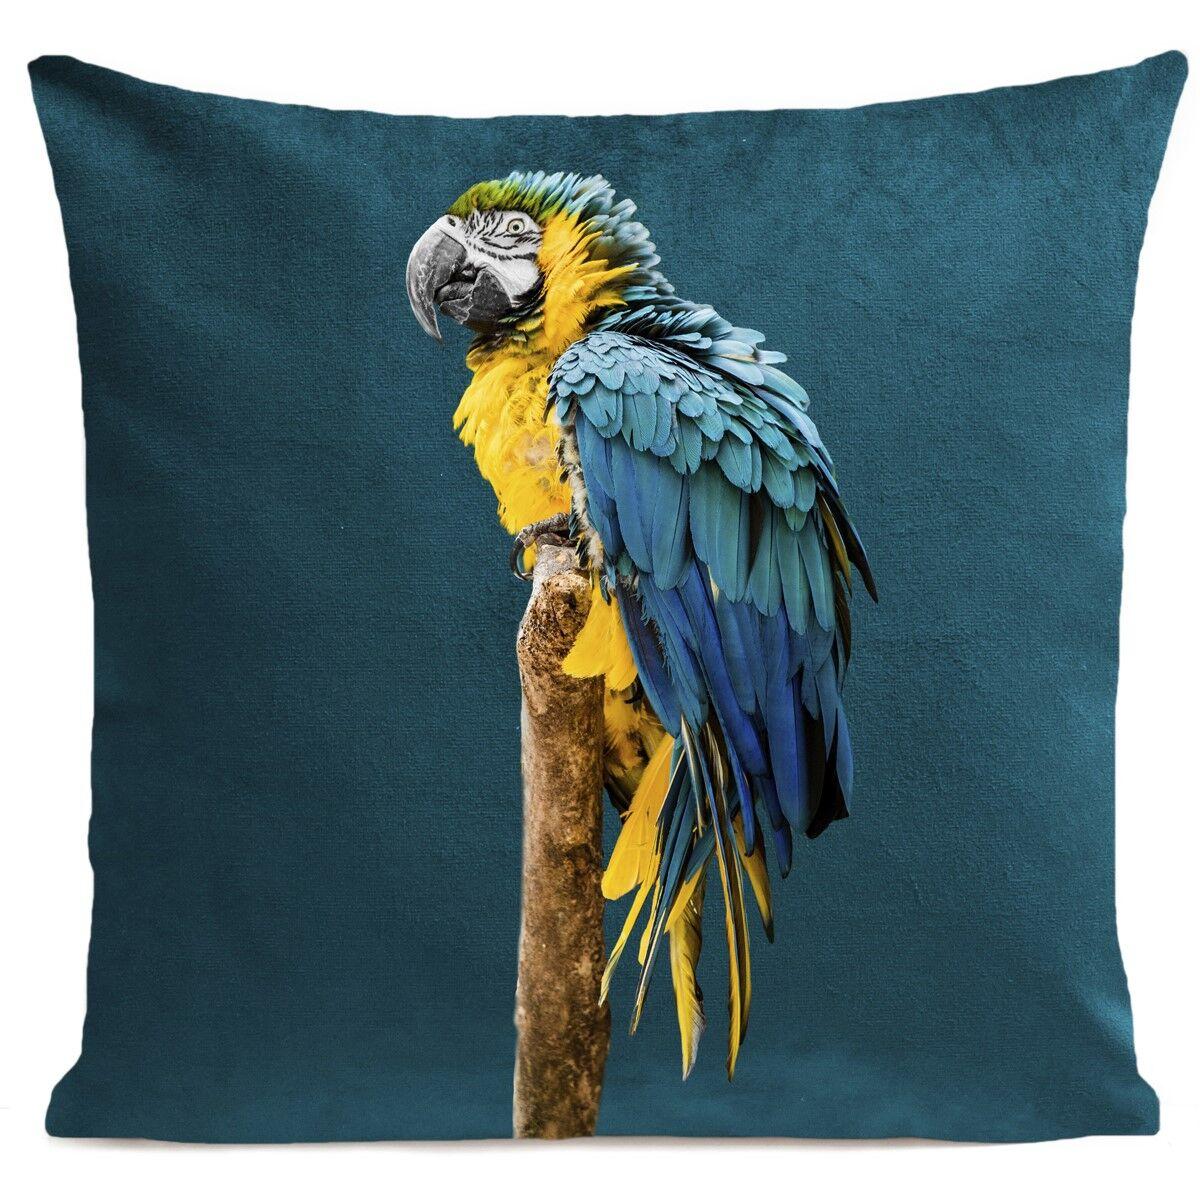 Artpilo Coussin velours carré imprimé animaux bleu canard 40x40